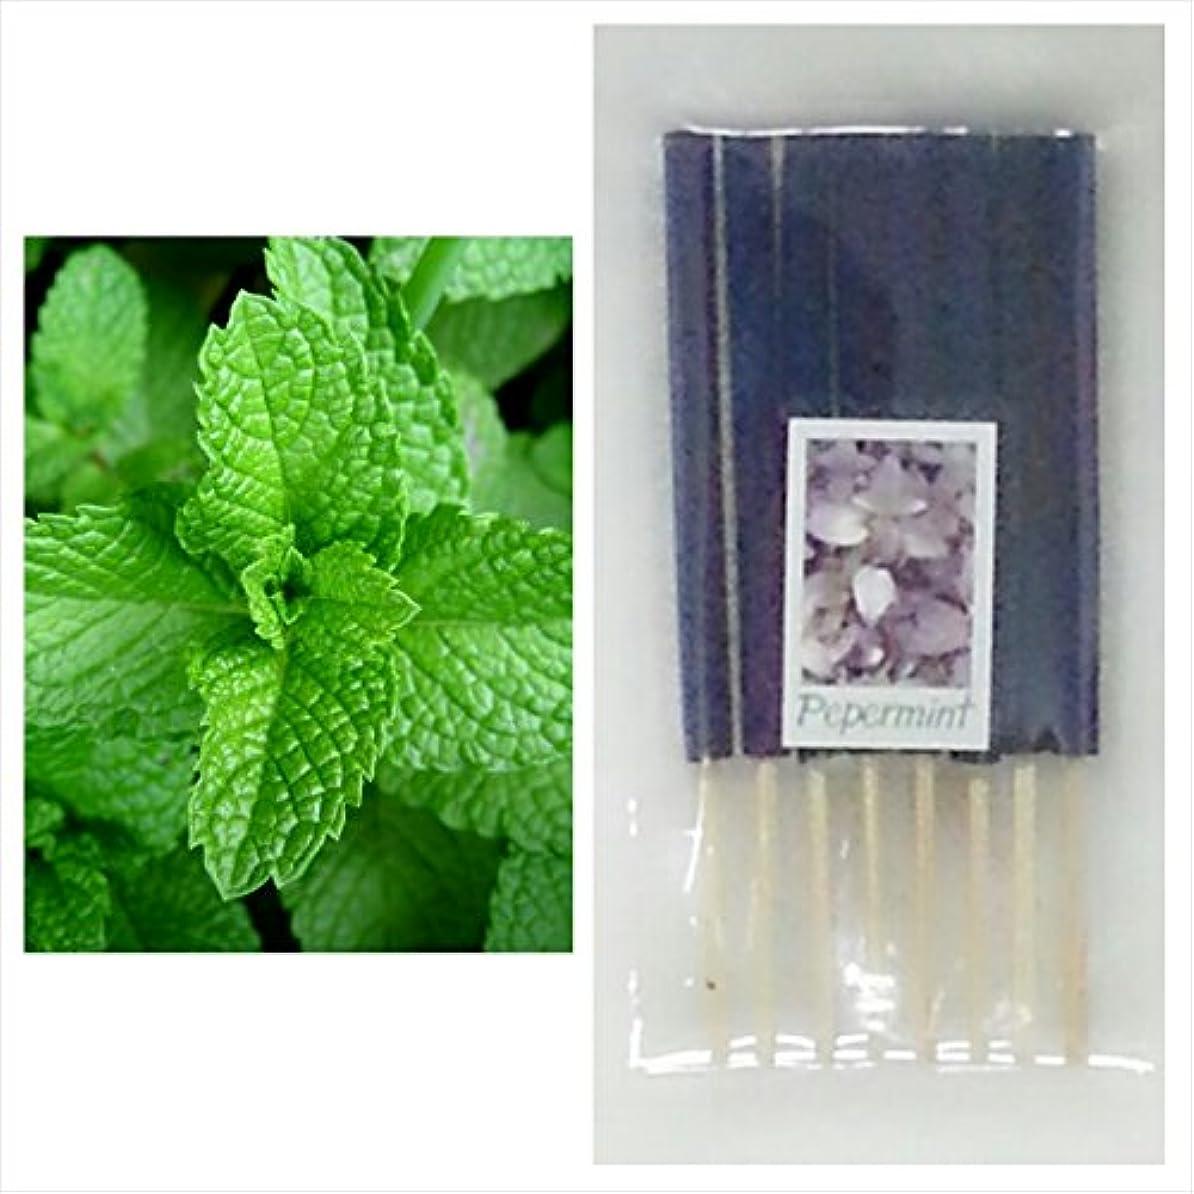 インシデント乳白色節約Pepermint Scents 80 Sticks Mini Incense Sticks Thai Spaアロマセラピーホームのハーブ&香料、長さ3